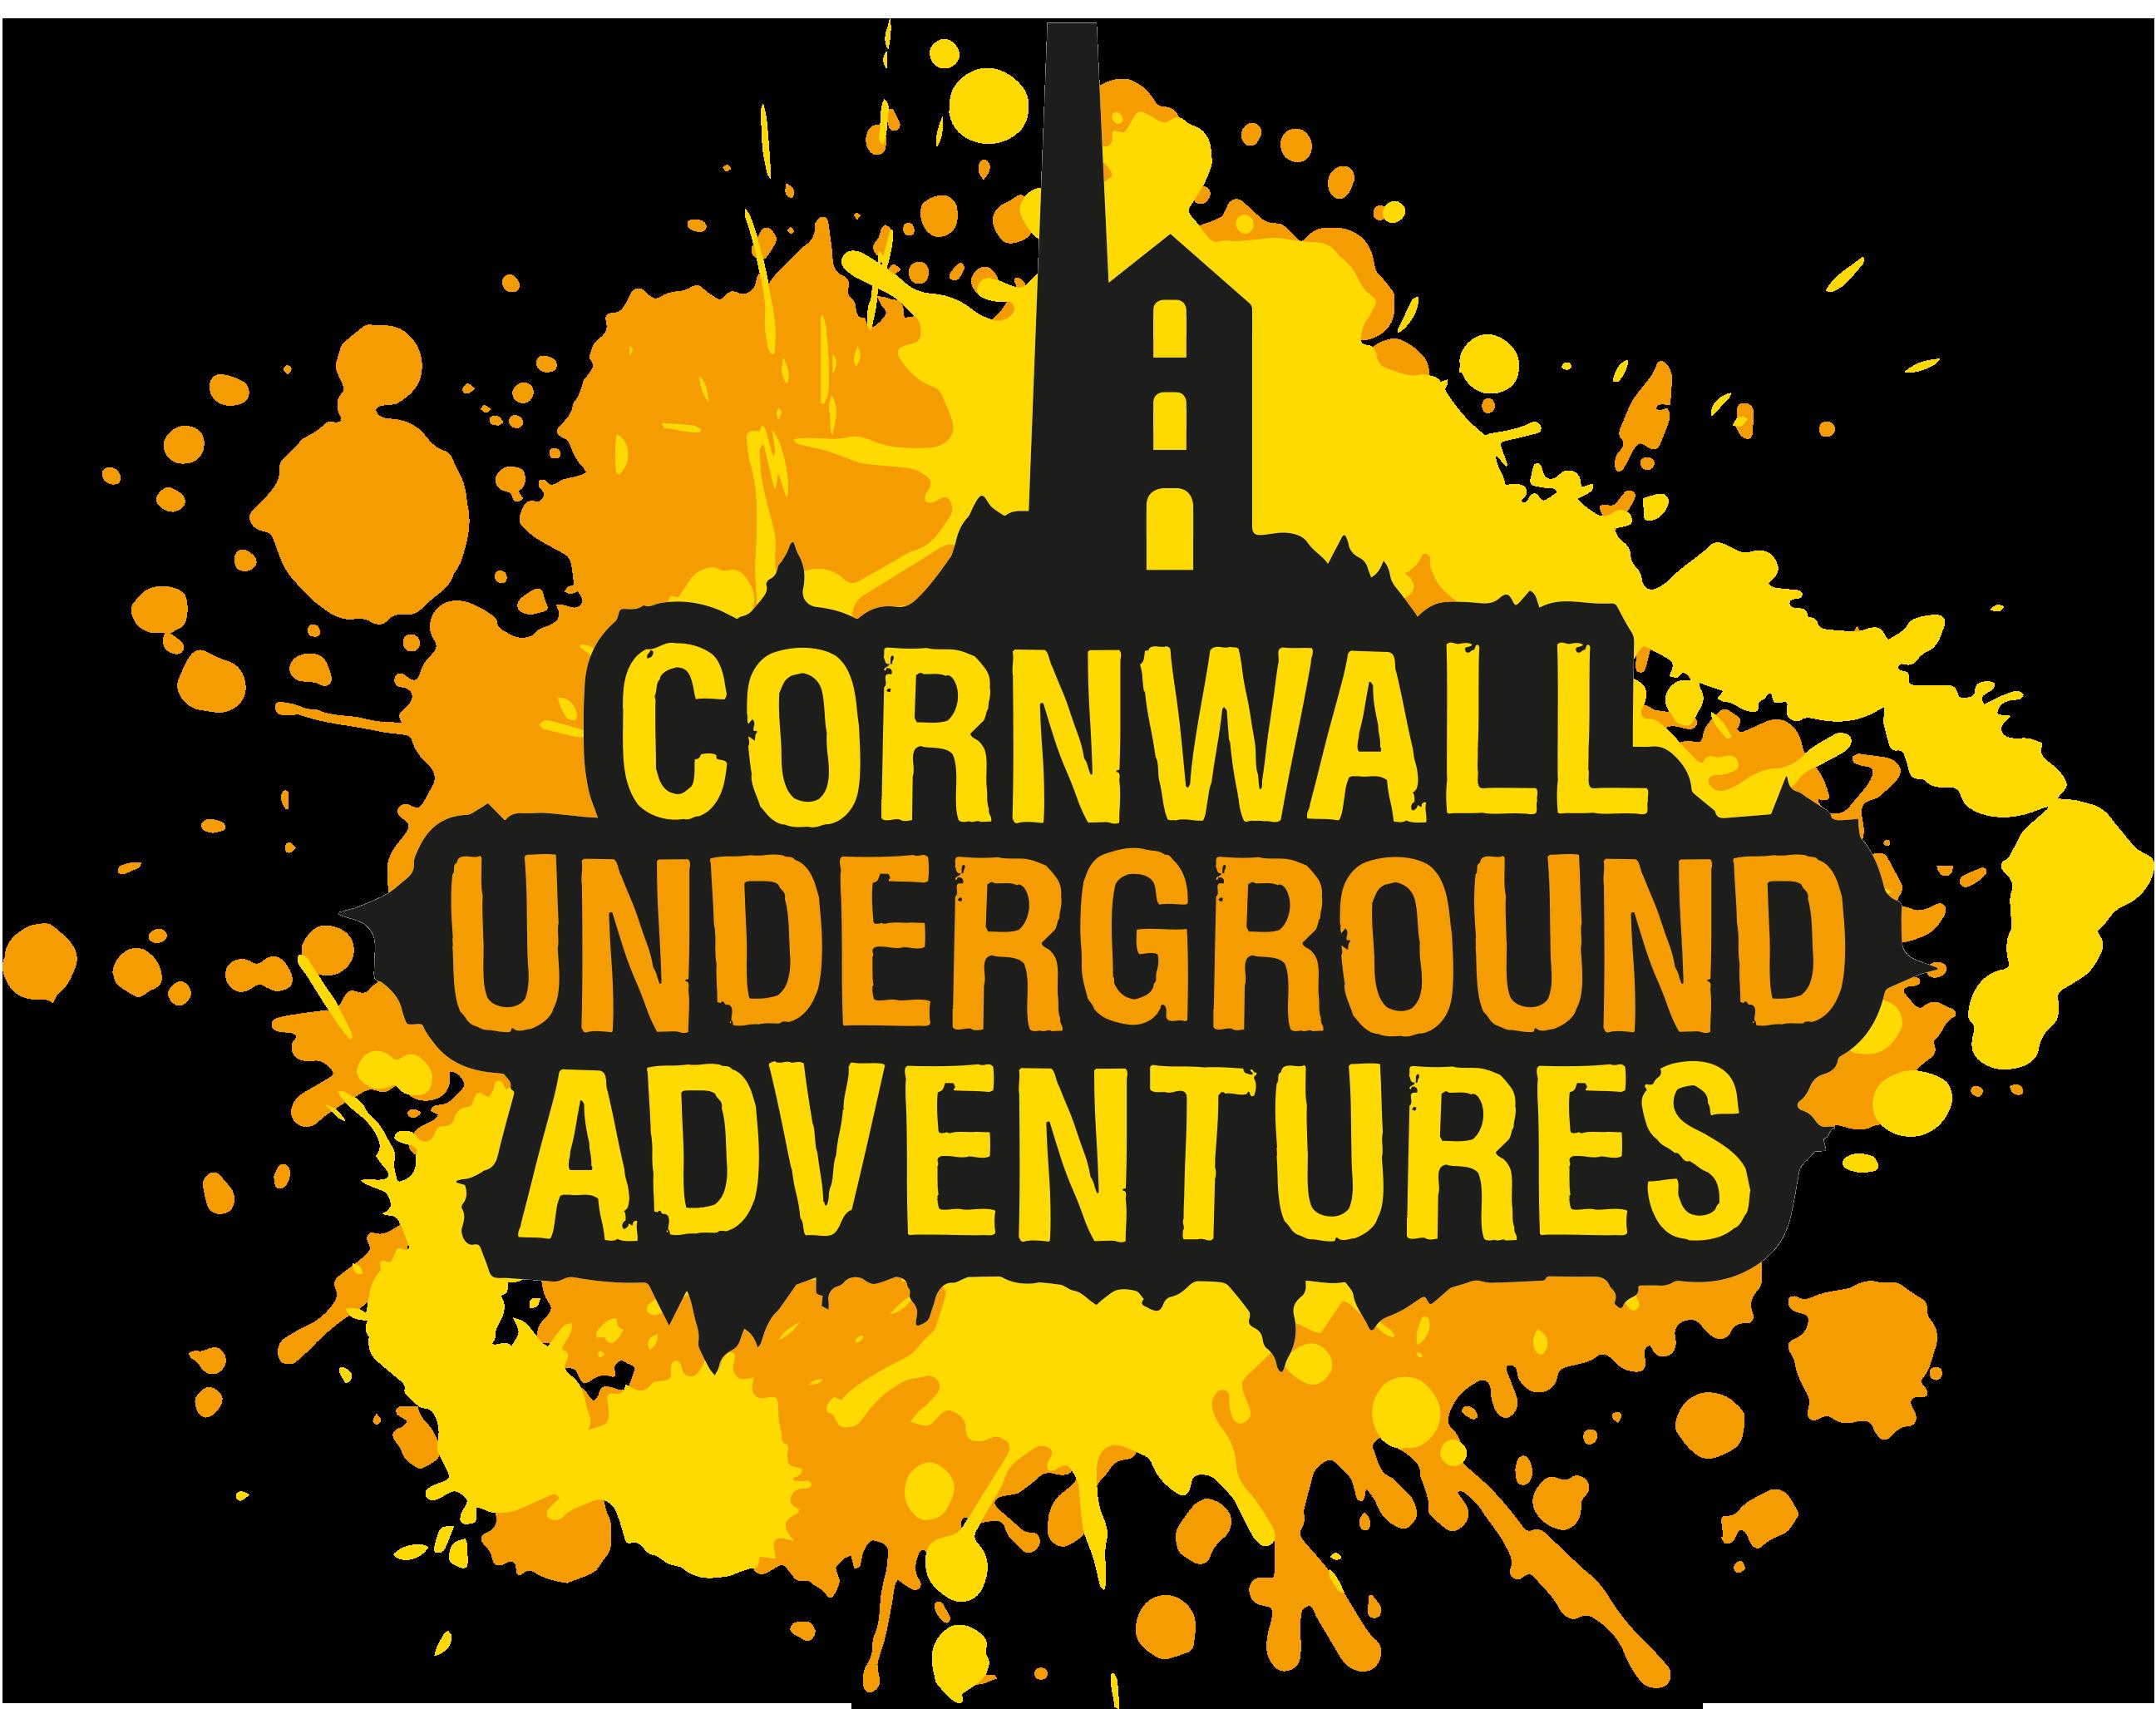 Cornwall Underground Adventures Mine Tours in Cornwall Logo